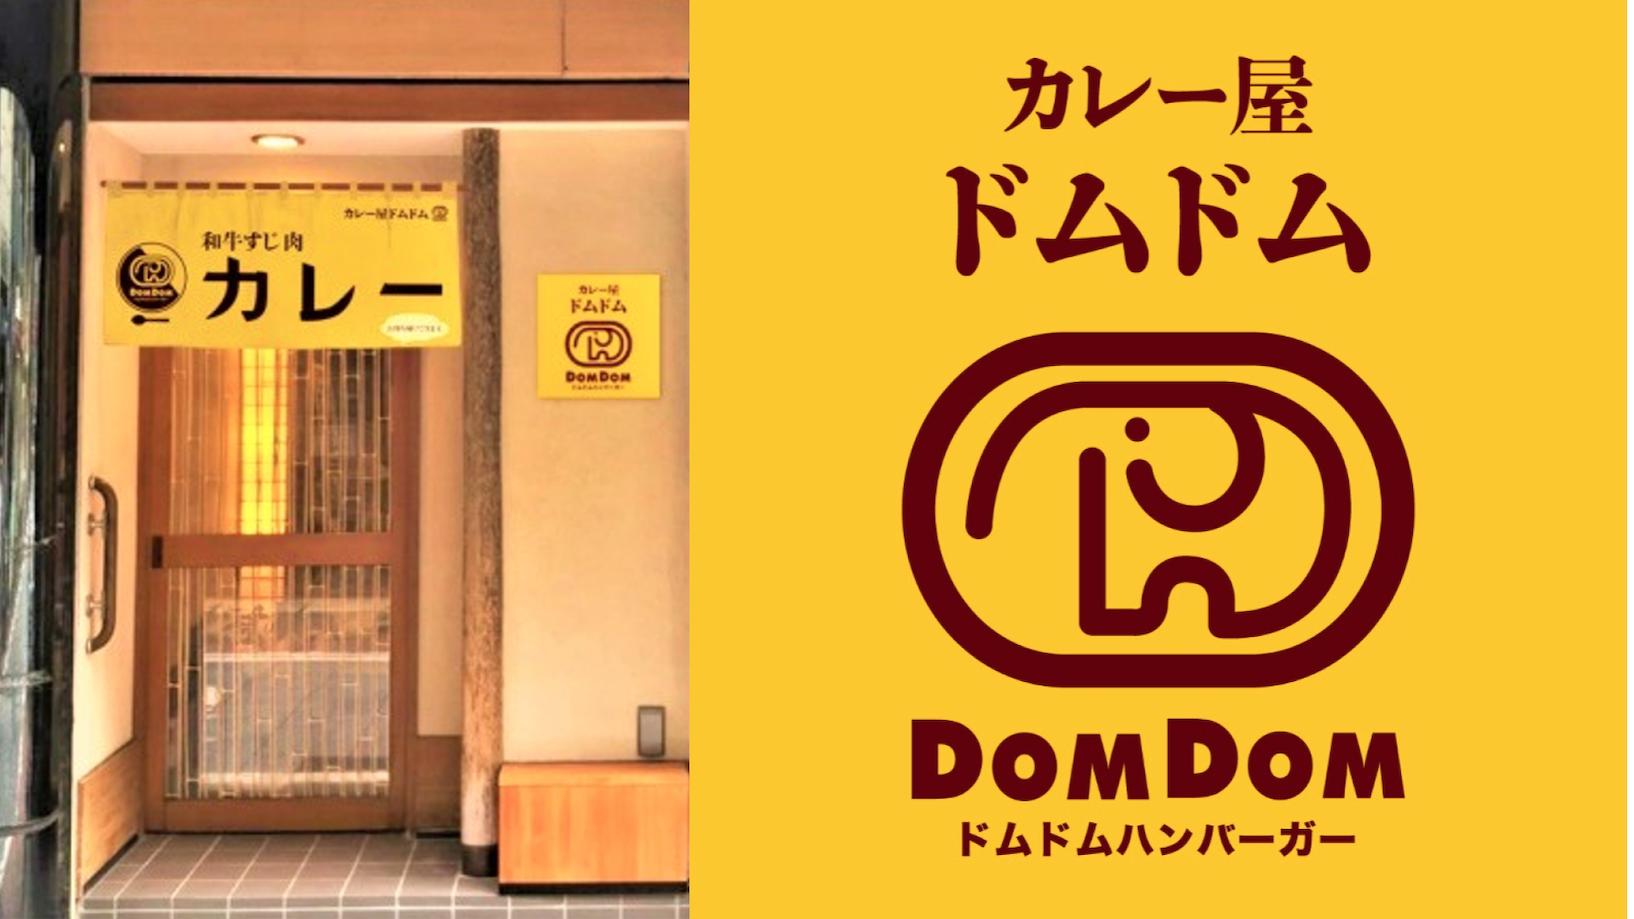 ドムドムハンバーガーが和牛すじ肉カレー店を期間限定オープン